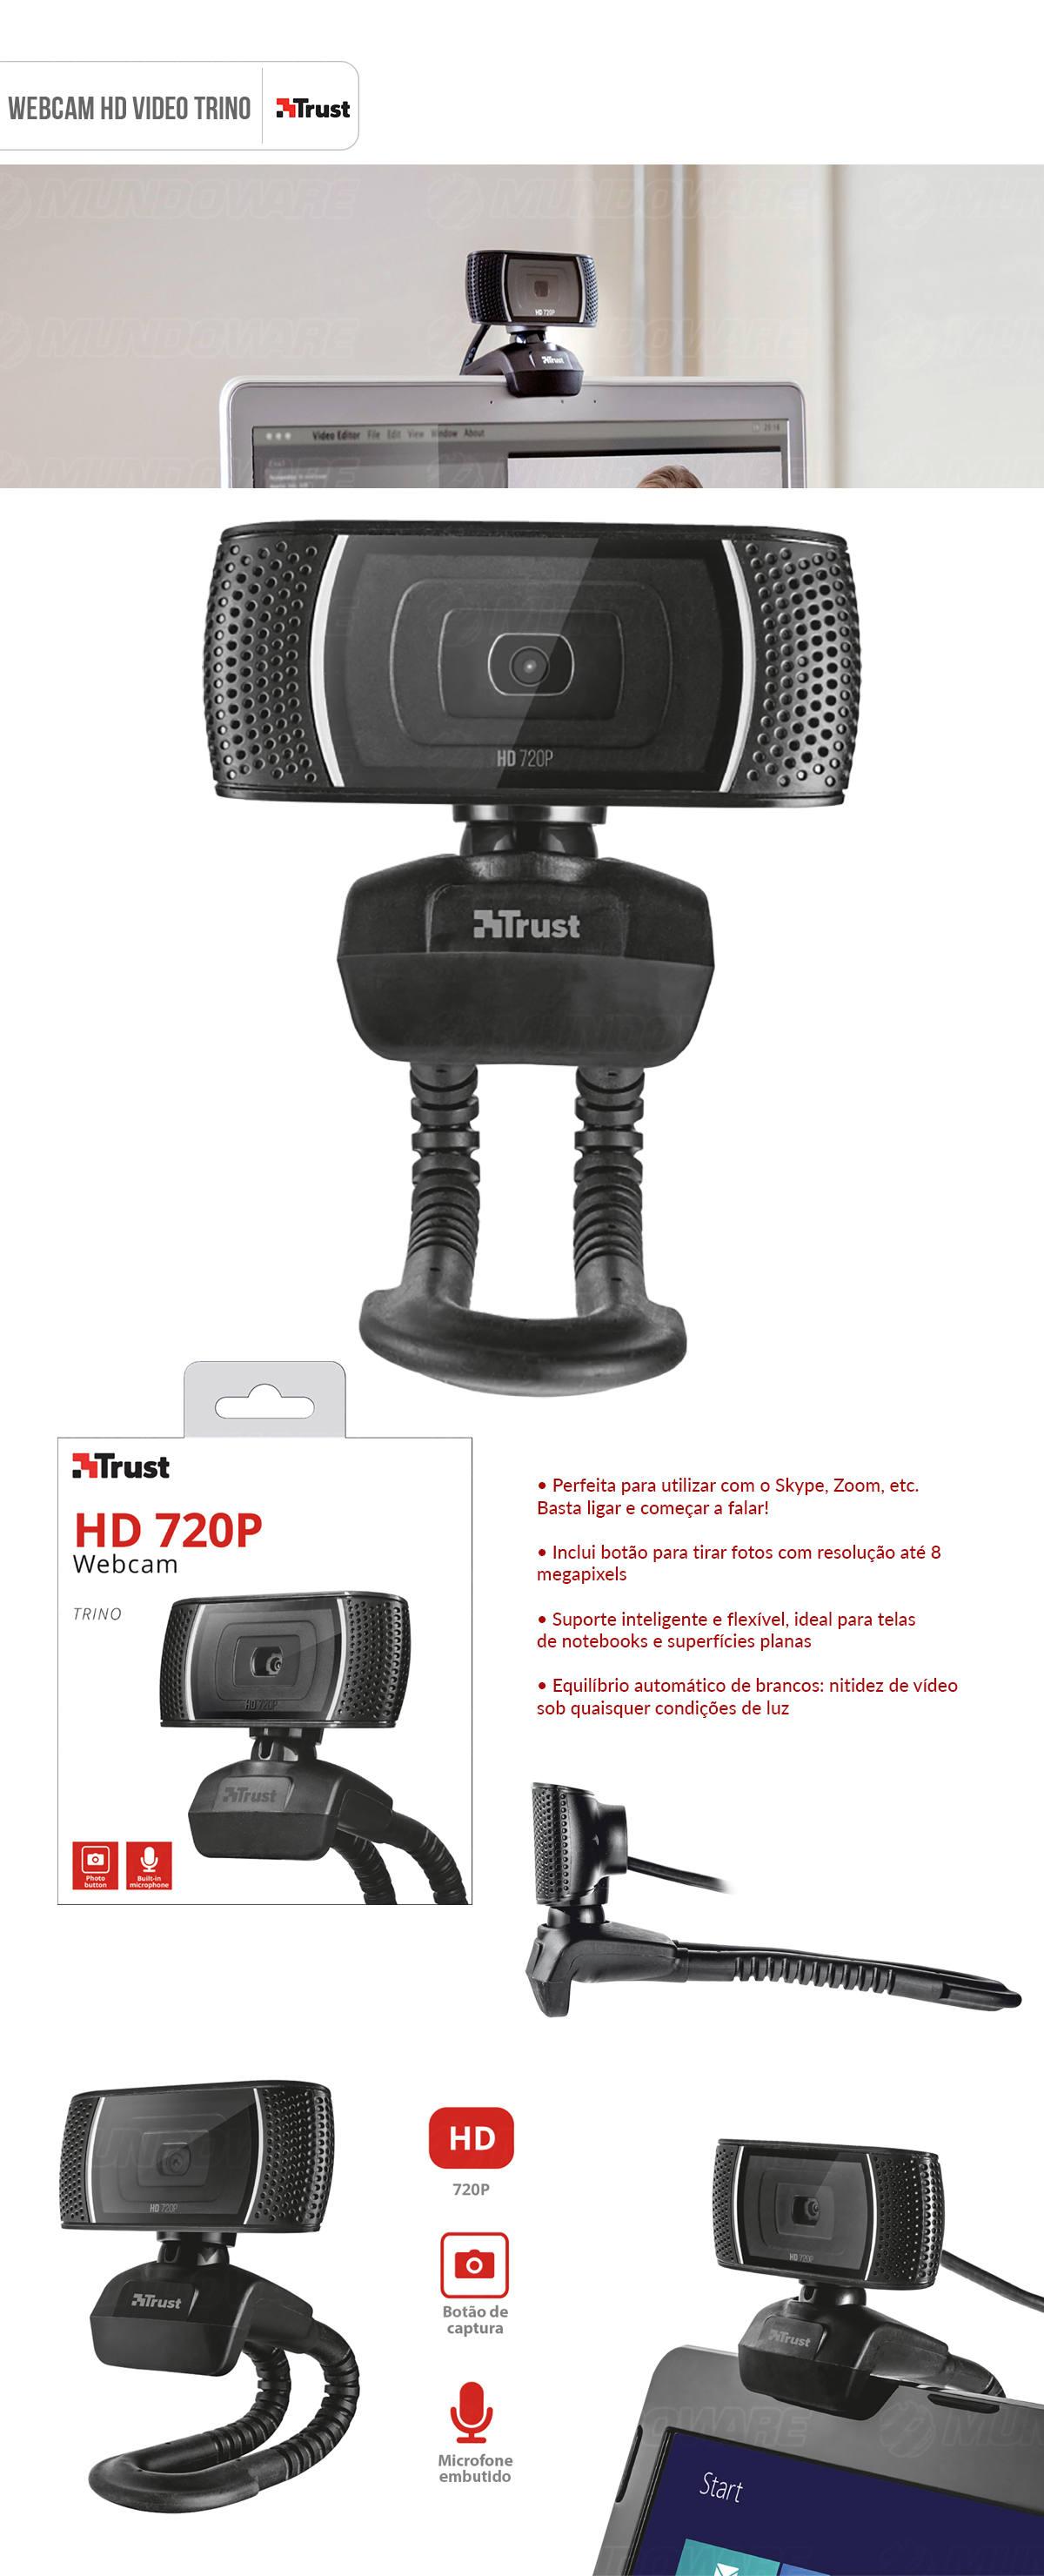 Webcam HD Video 720p 30fps 8MP com Microfone Integrado e Suporte Inteligente Flexíval Trust Trino